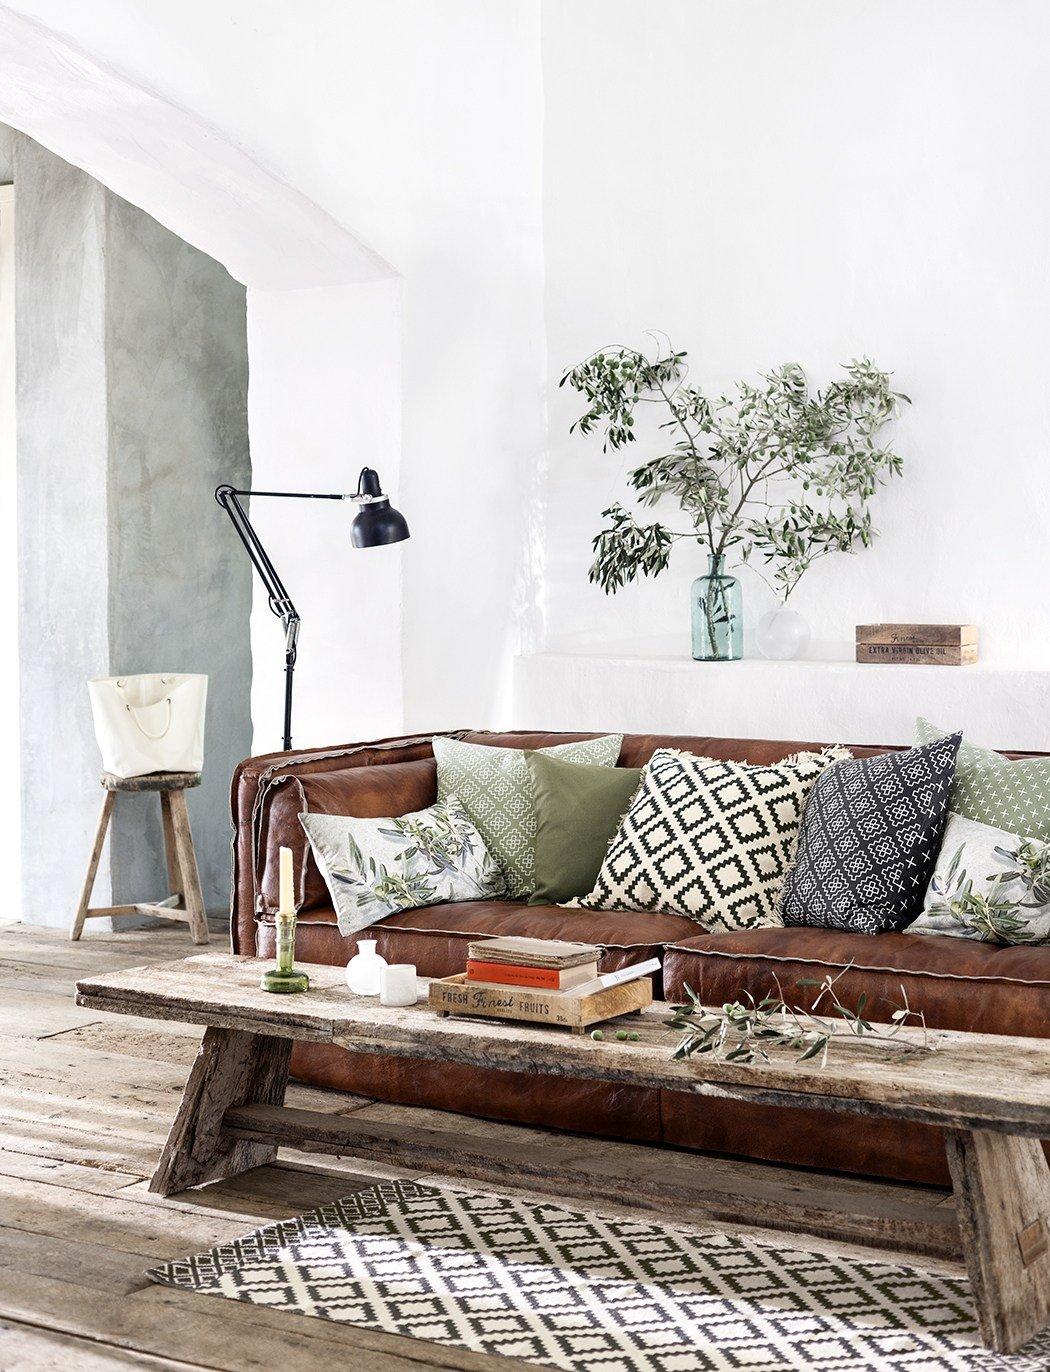 Salon industriel campagne bohème marron vert noir gris béton ciré bois parquet textile verre cordes